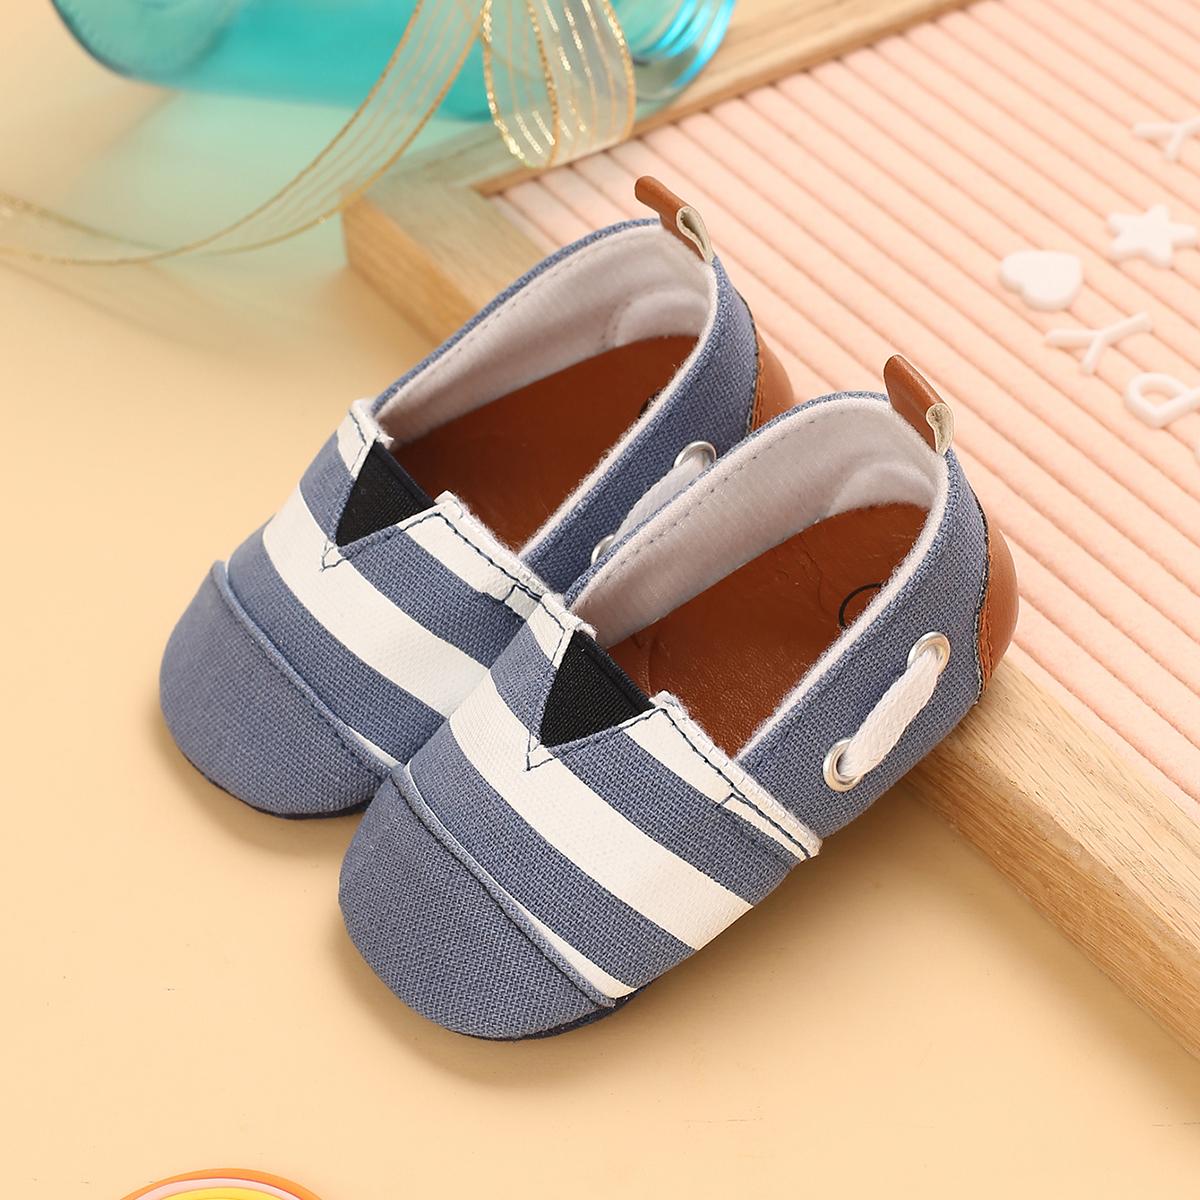 SHEIN Flats met gestreept patroon voor babyjongens